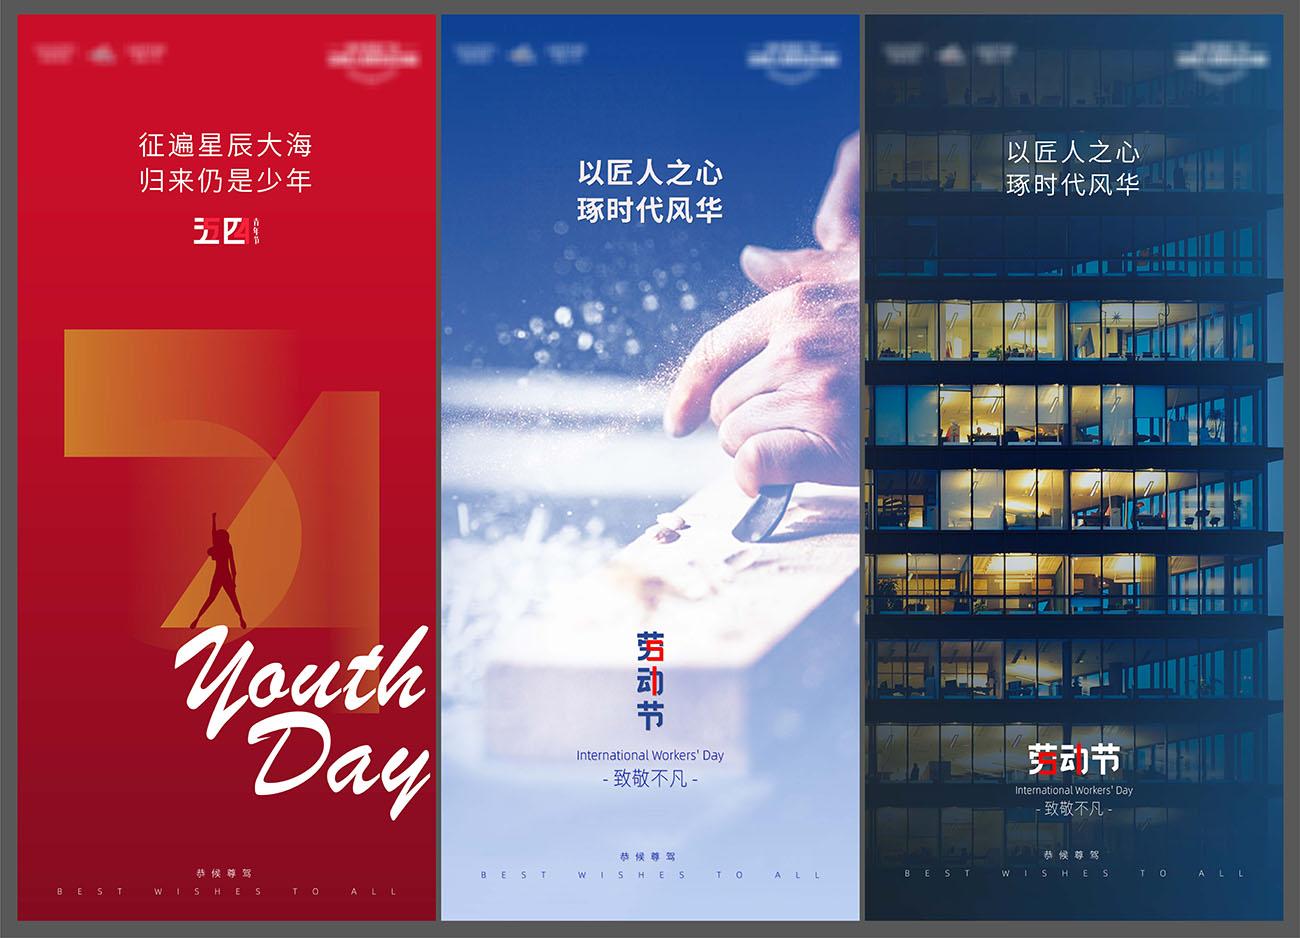 地产五一劳动节刷屏海报PSD源文件插图